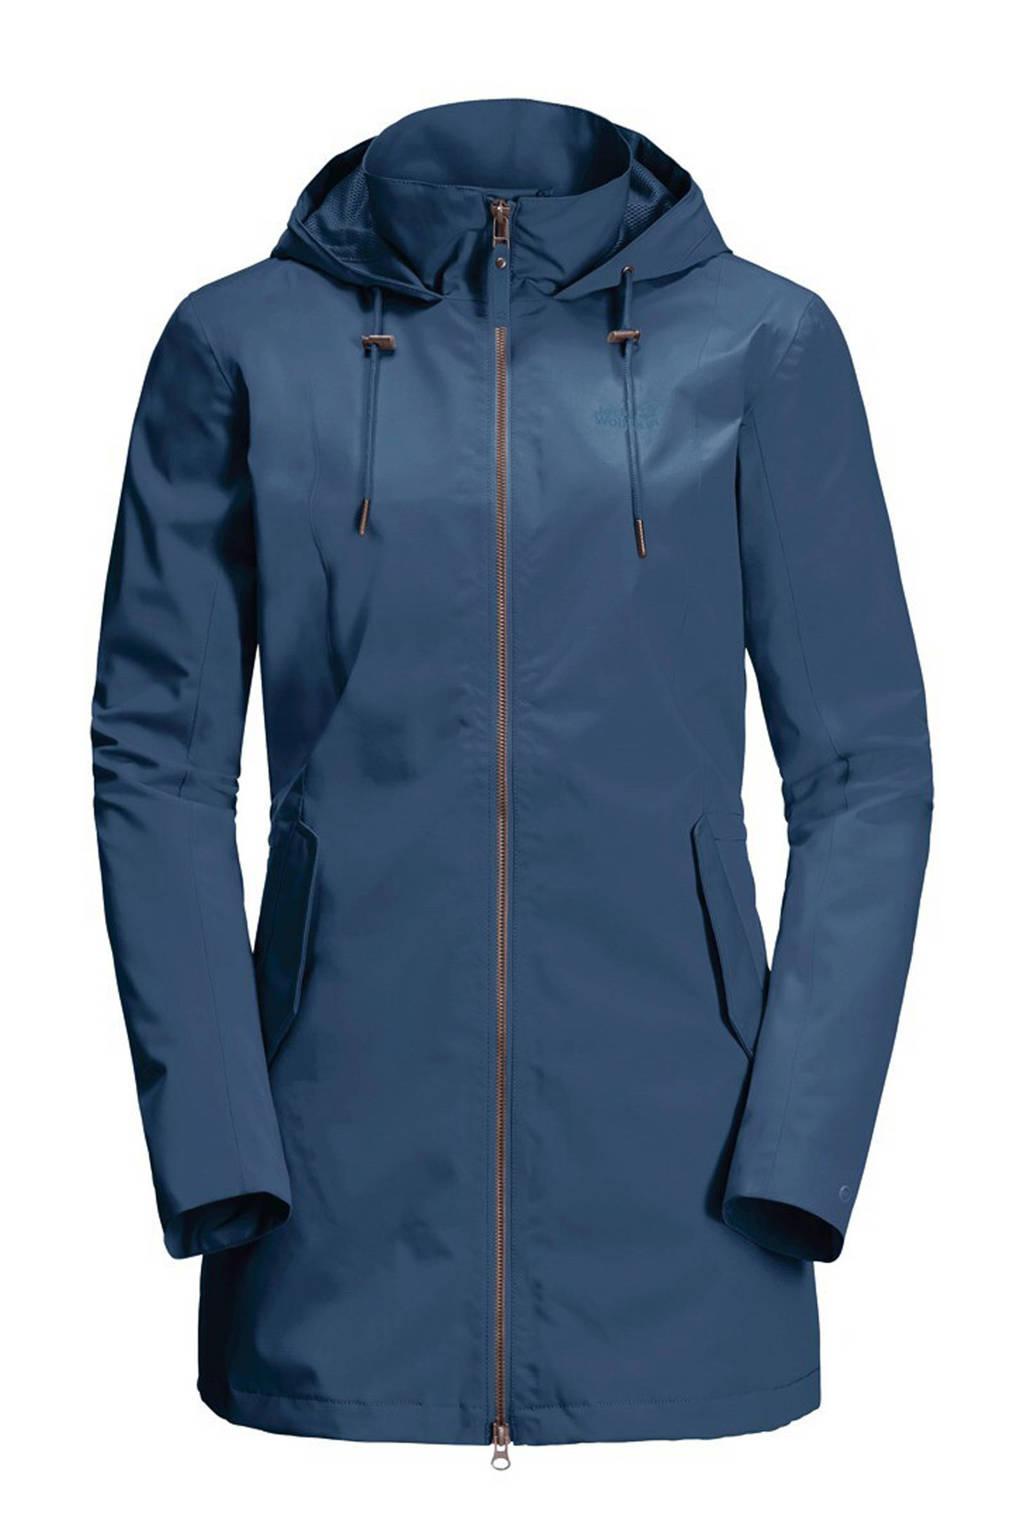 Jack Wolfskin outdoor jas Cameia blauw, Blauw